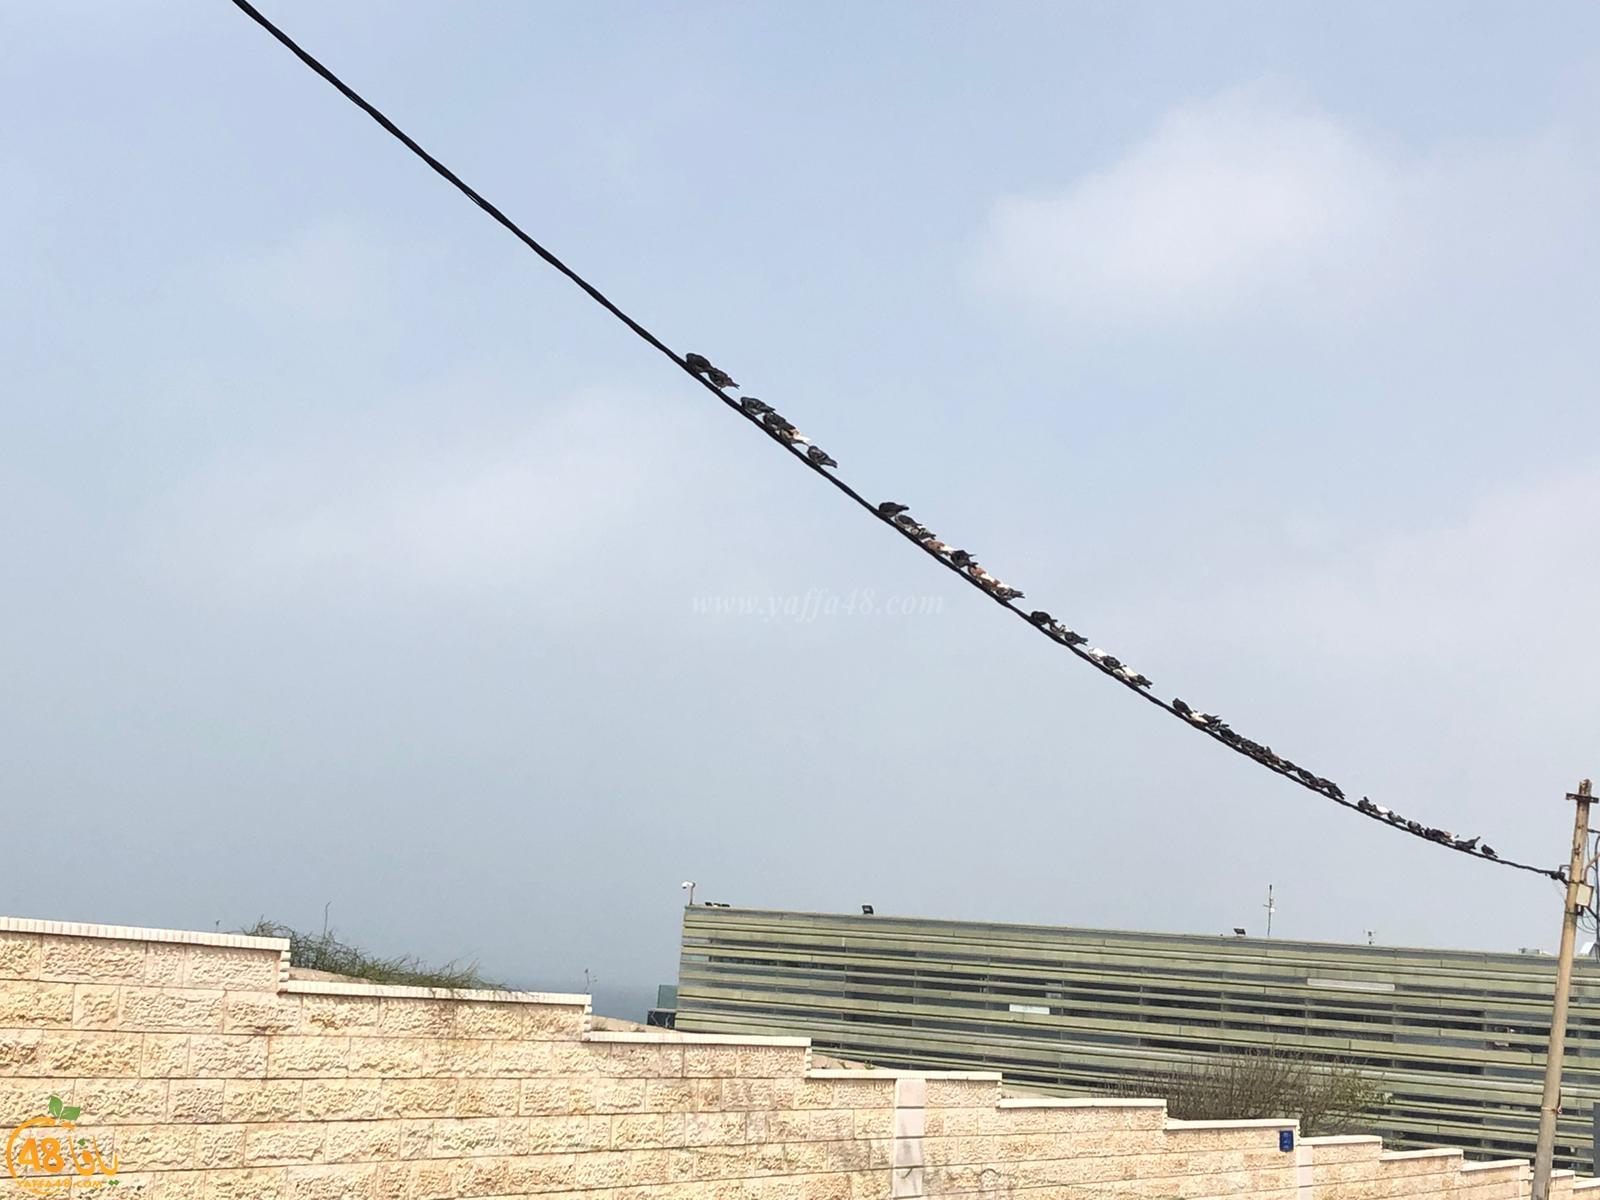 صور: طيور الحمام تصطف بانتظام فوق سلك كهرباء قرب مقبرة الكازاخانة بيافا